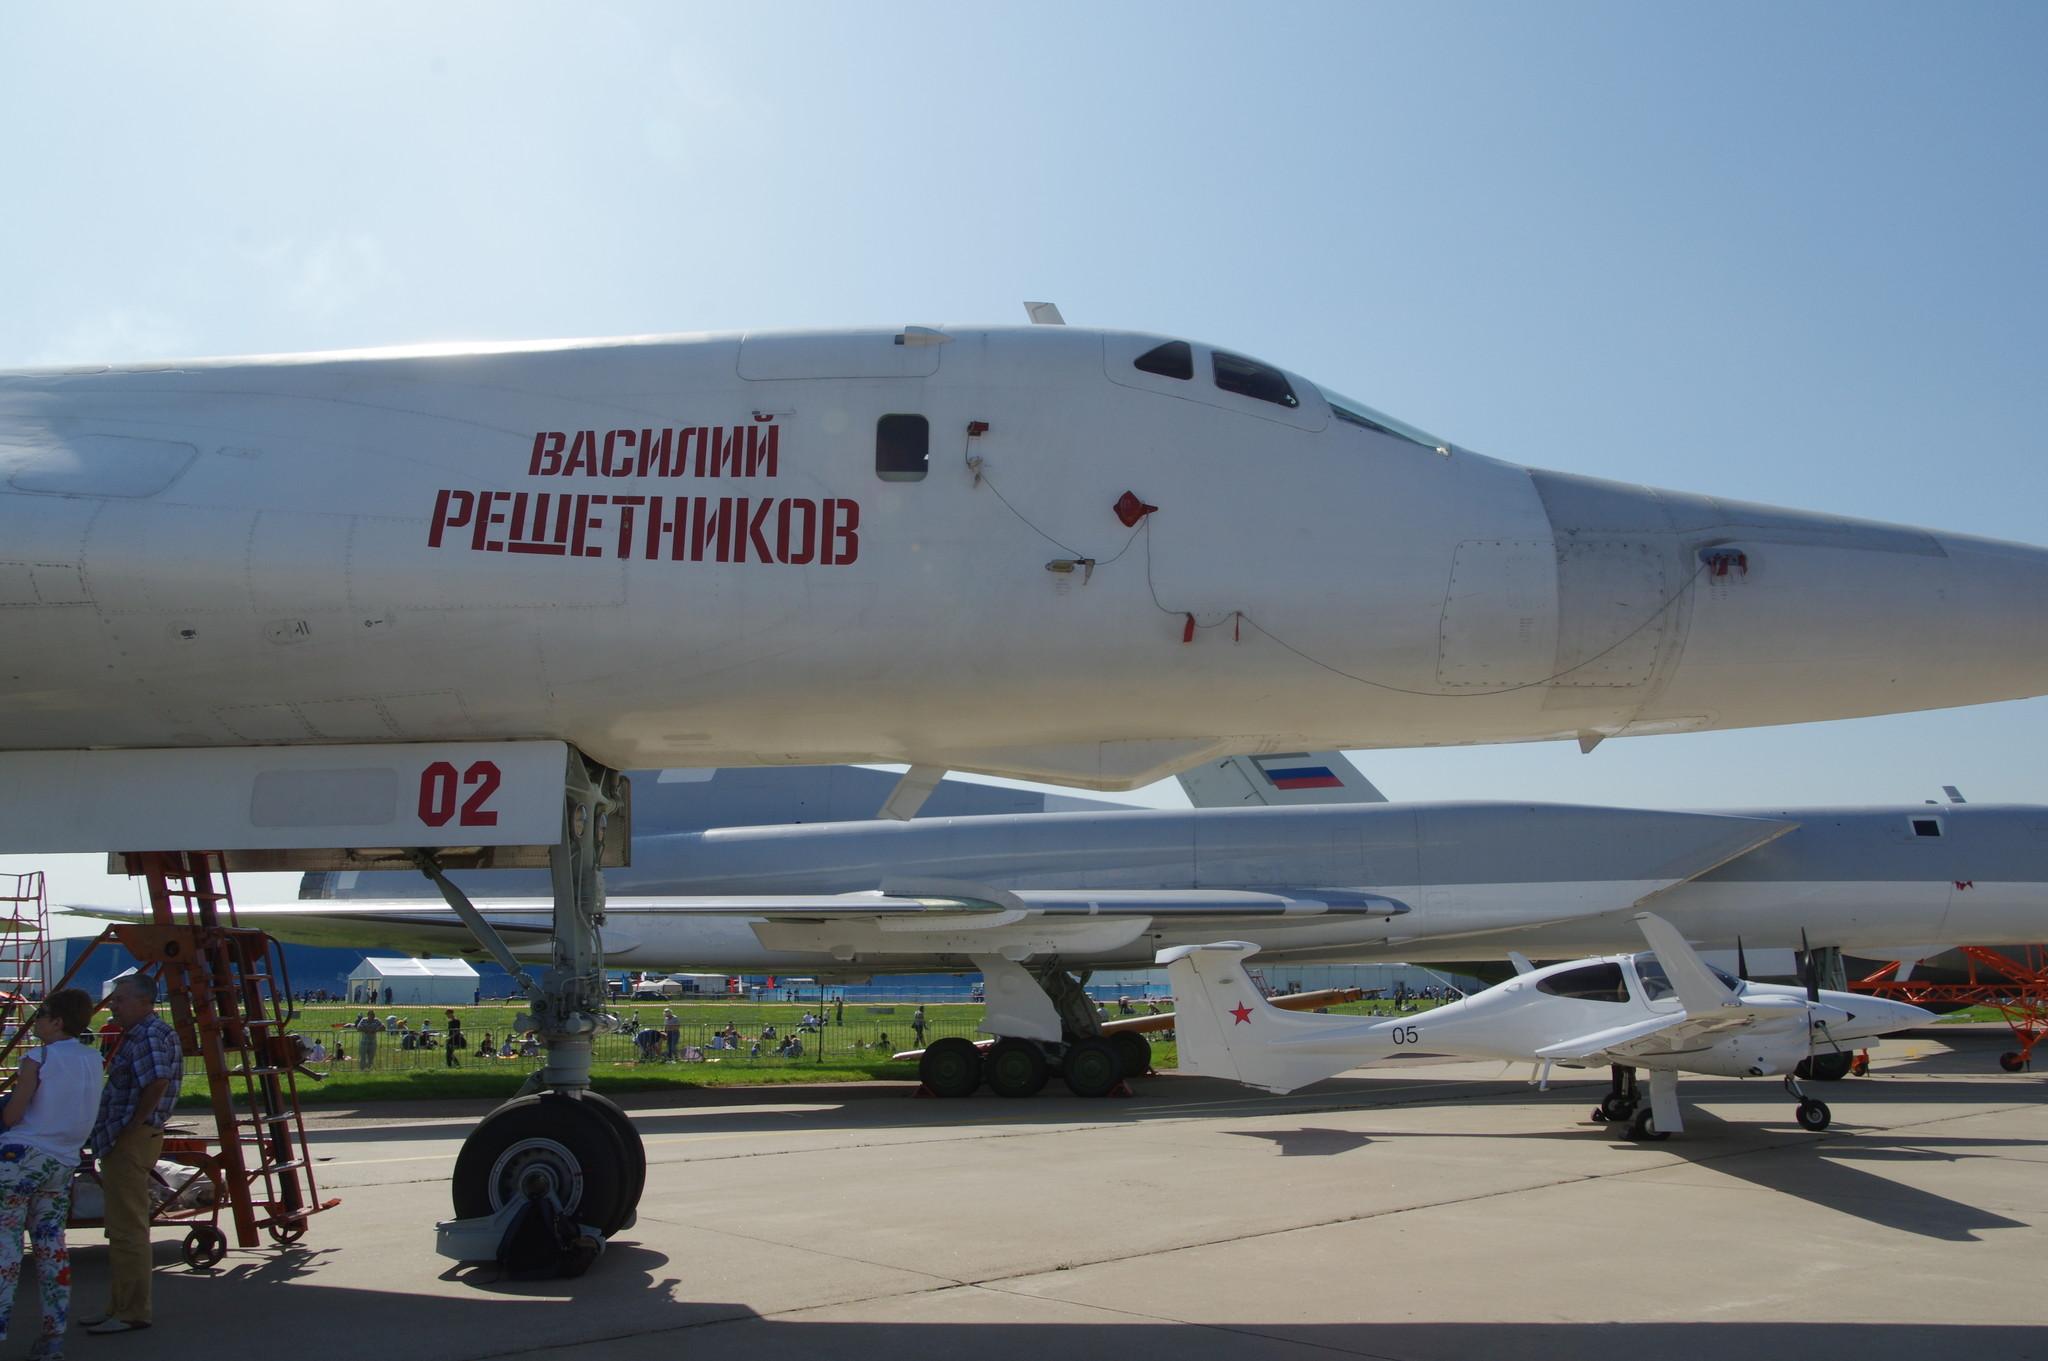 Сверхзвуковой стратегический бомбардировщик-ракетоносец с крылом изменяемой стреловидности Ту-160